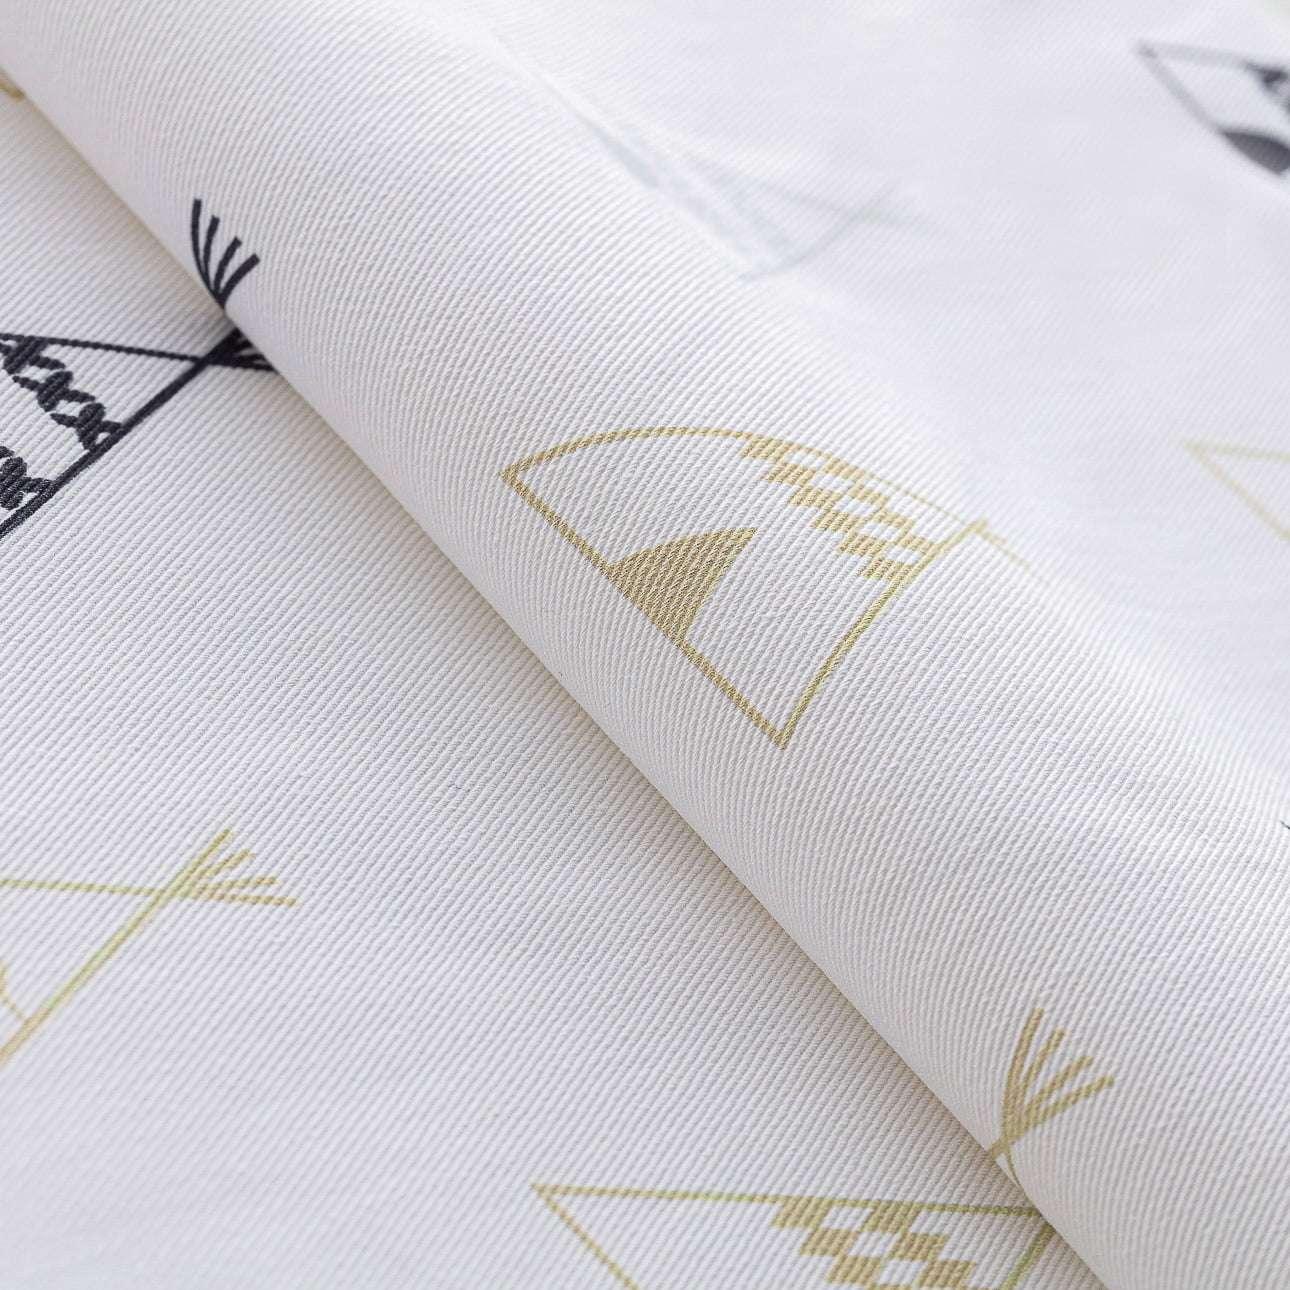 Poduszka wałek prosty w kolekcji Adventure, tkanina: 141-84